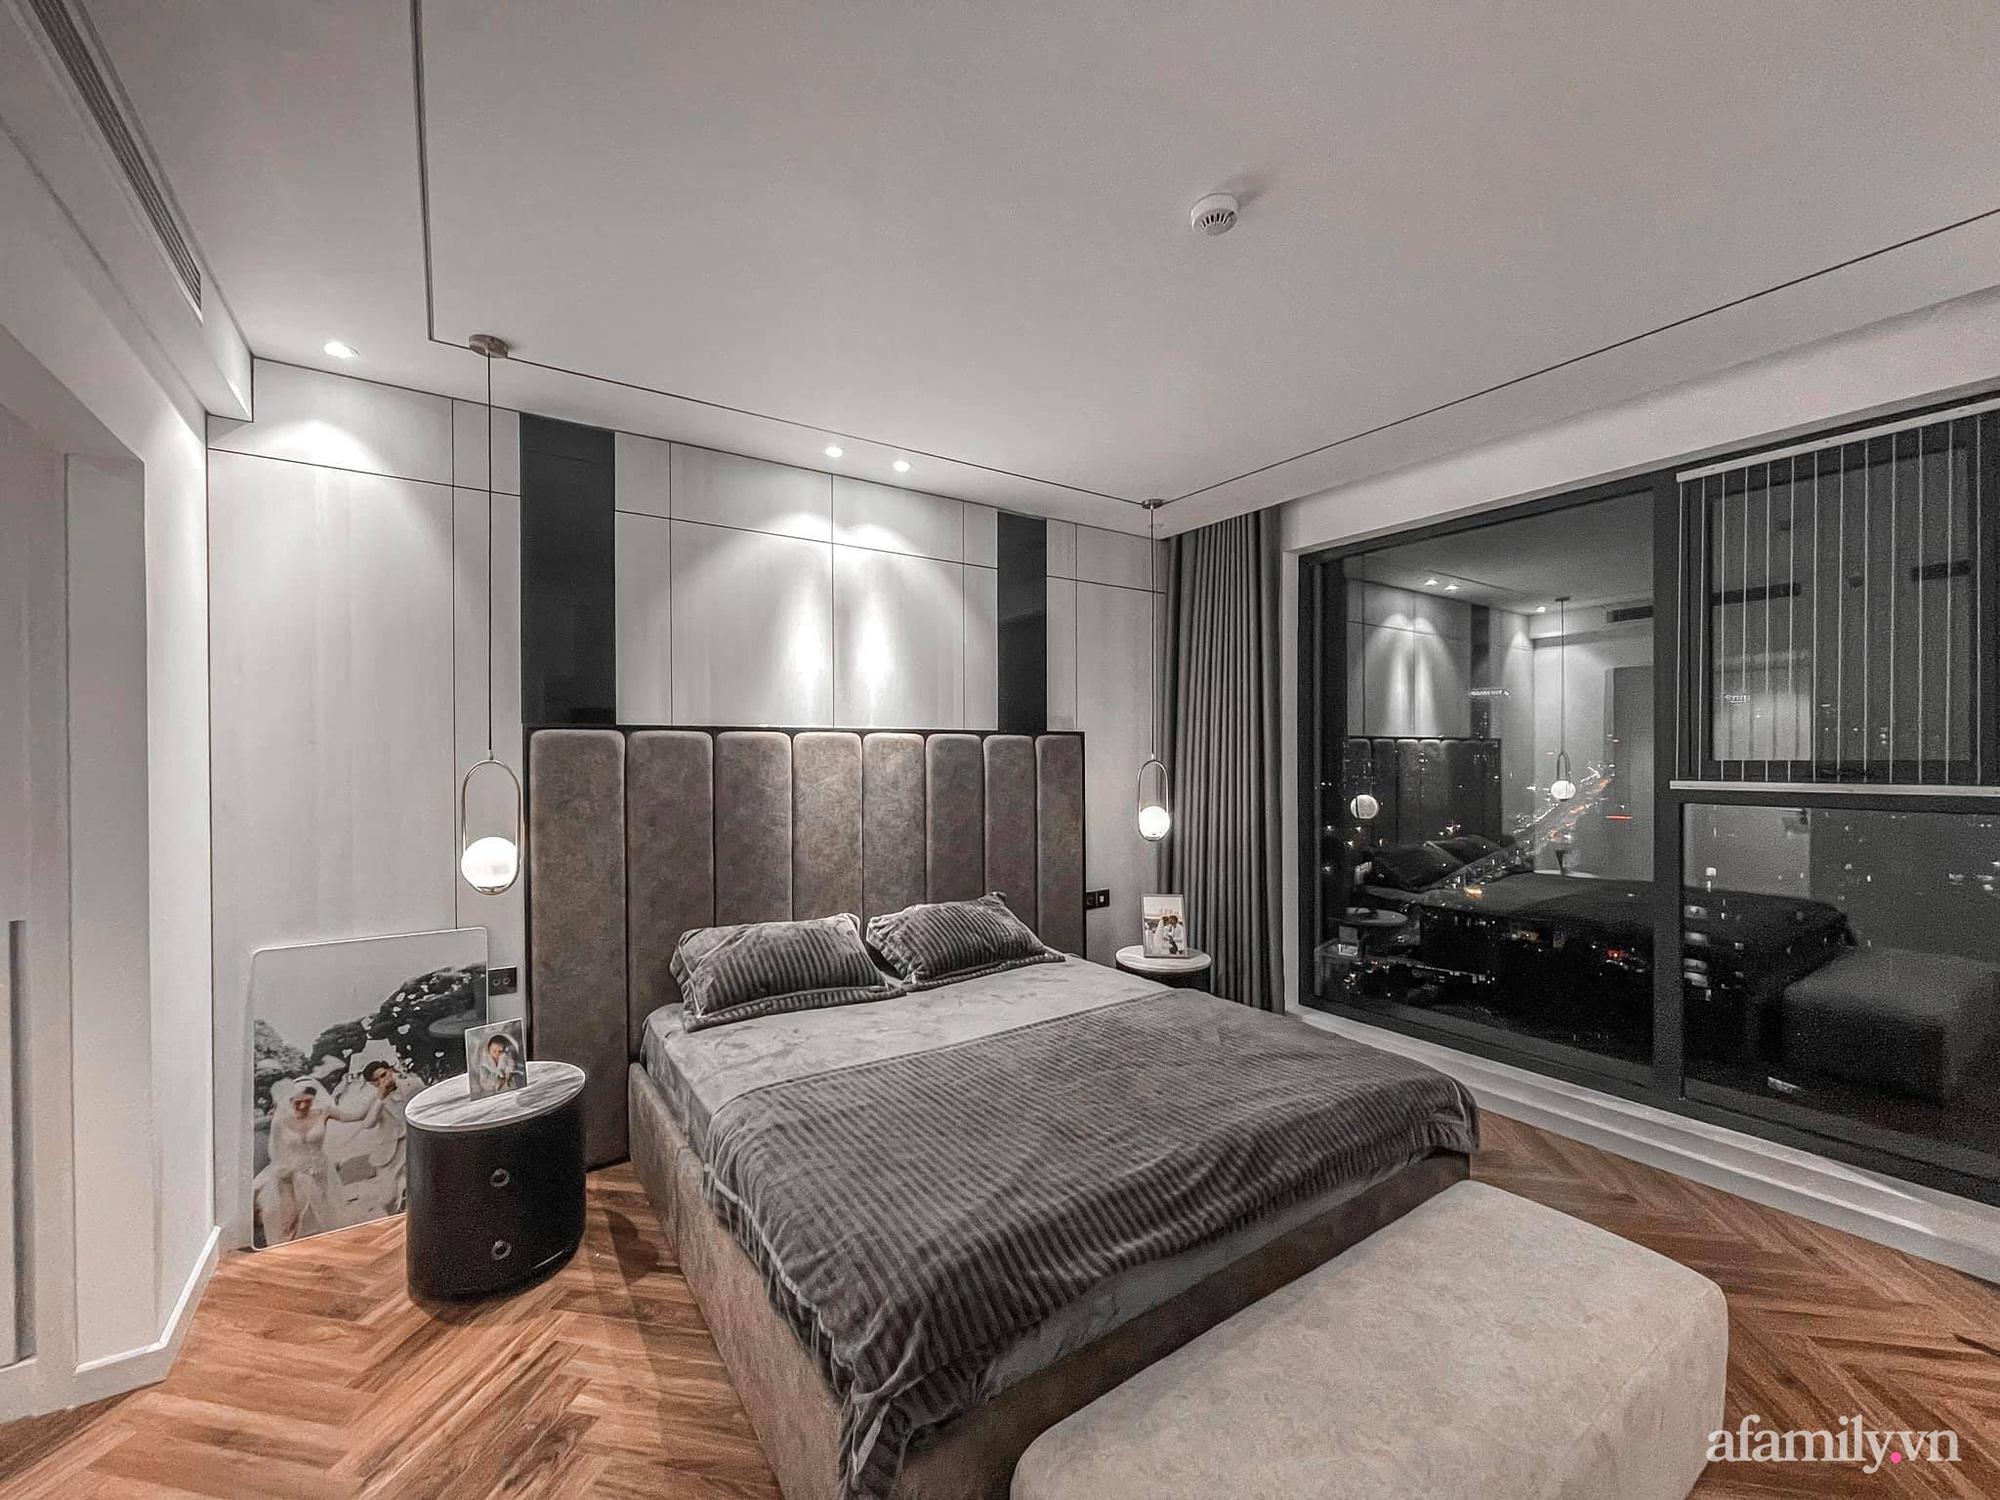 Căn hộ 125m² với gam màu tối cực chất của cặp vợ chồng yêu thời trang ở Hà Nội - Ảnh 20.